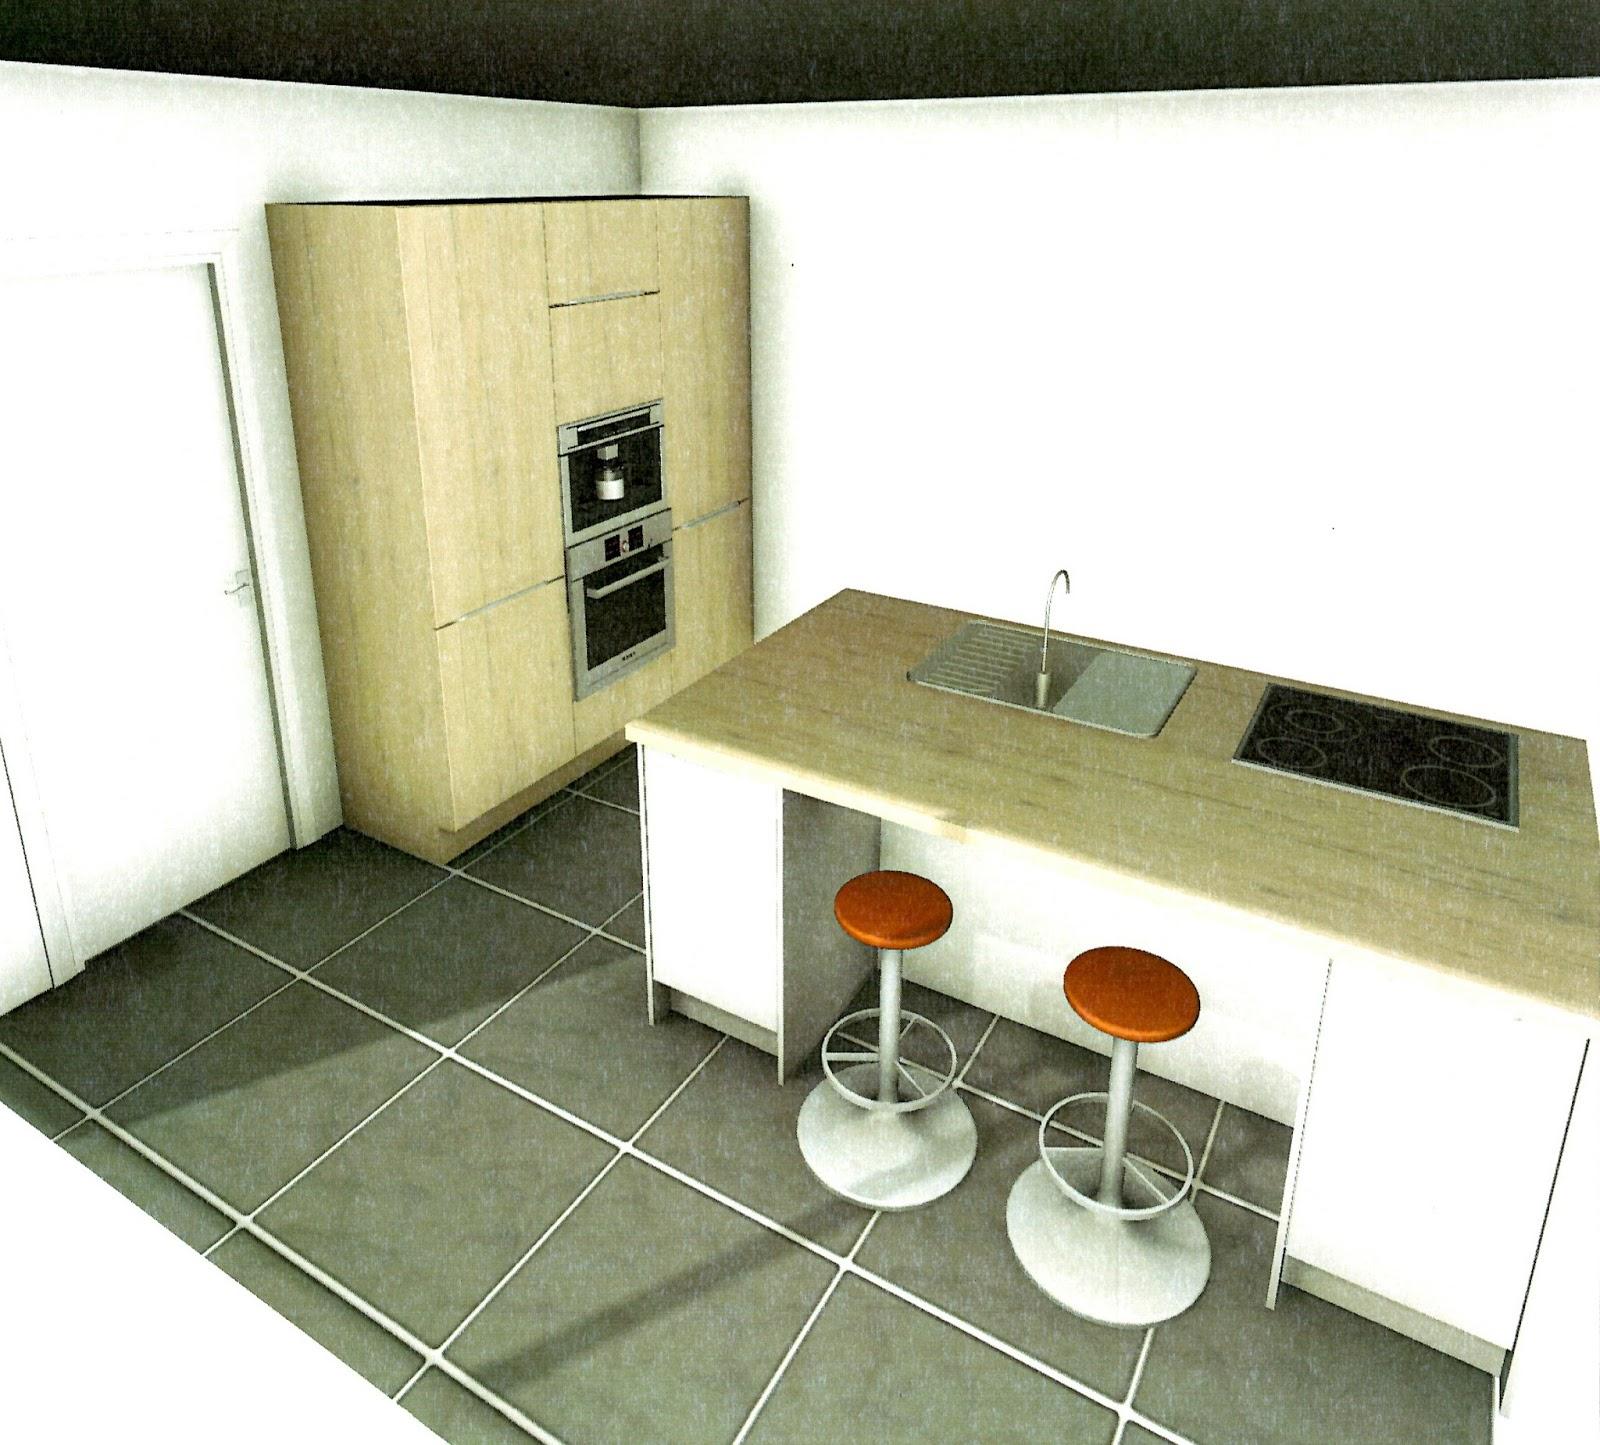 Construction naome vanbellingen thomas et piron for Projet de cuisine